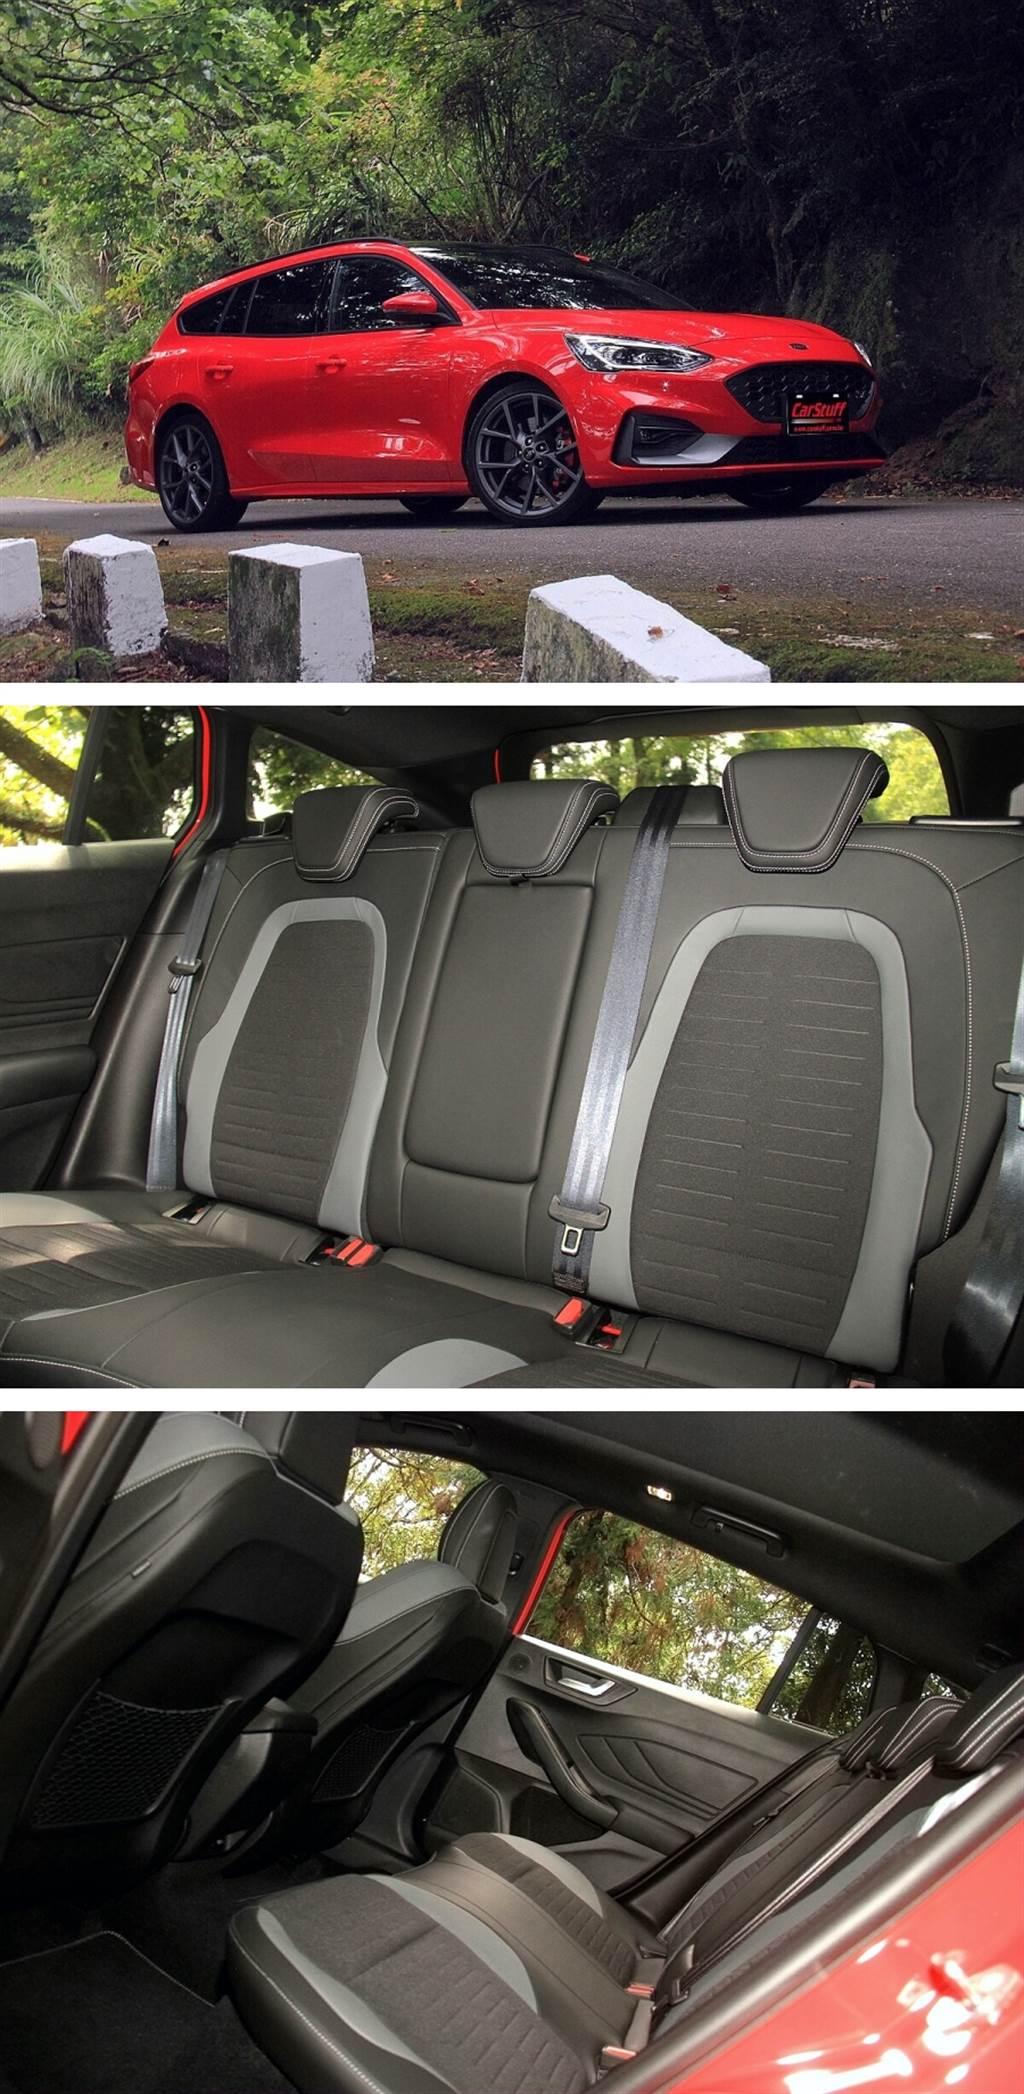 與掀背款相同2700mm的軸距讓Focus ST Wagon有非常充裕的後座膝部空間,但多了車尾的設計可創造最大可達1,576升的行李空間運用,增添更多的實用性。